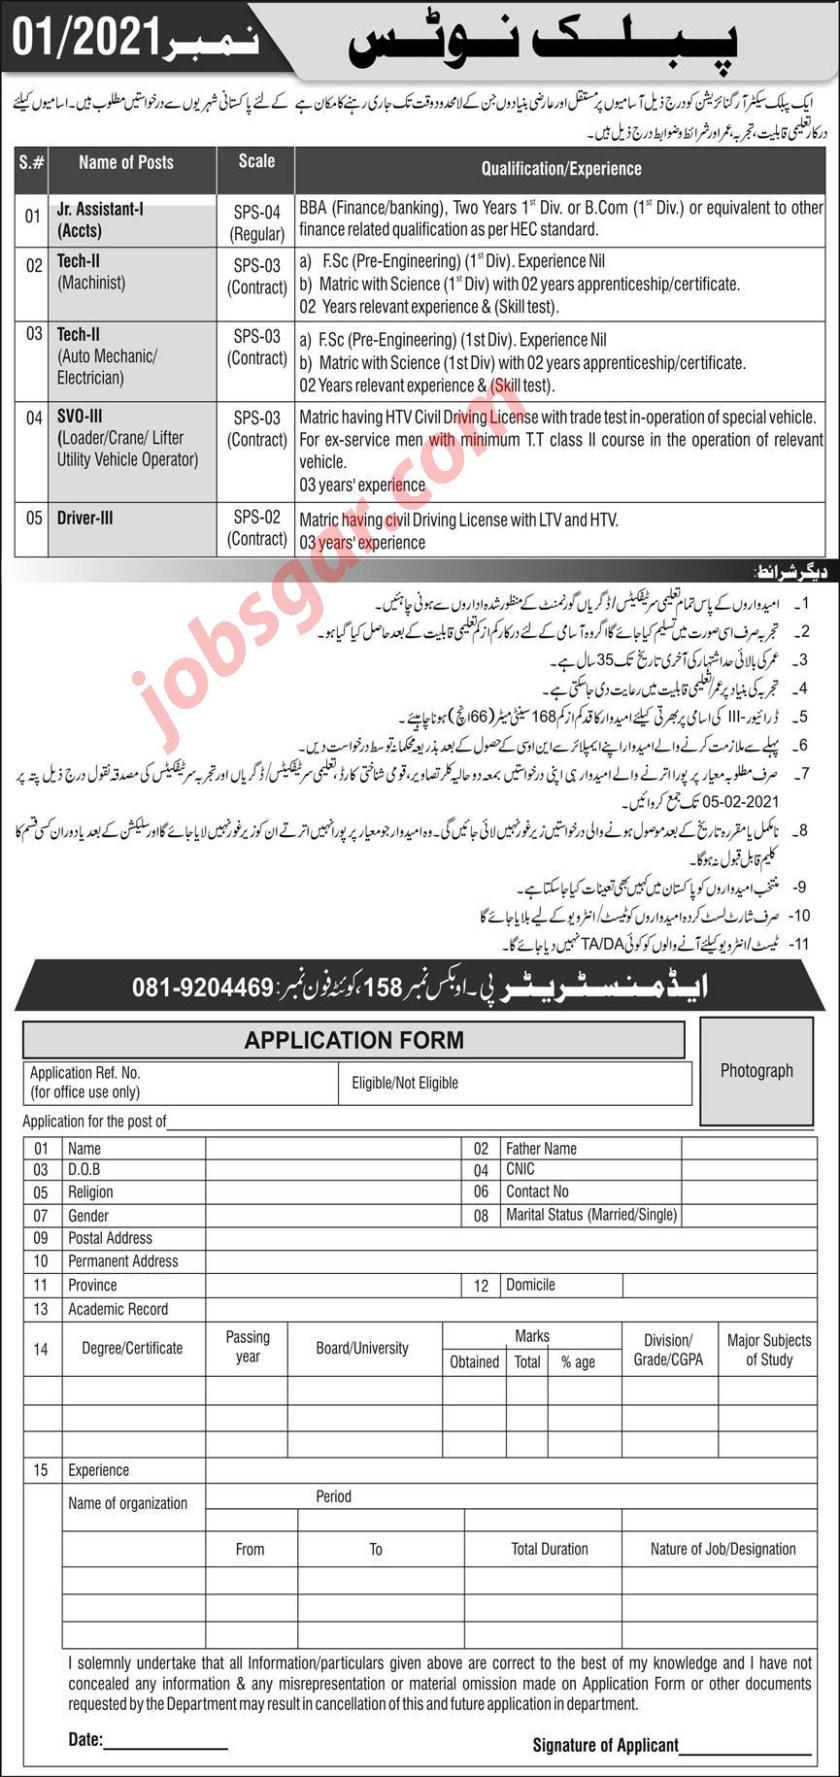 PO Box 158 Quetta Jobs 2021 Public Sector Organization